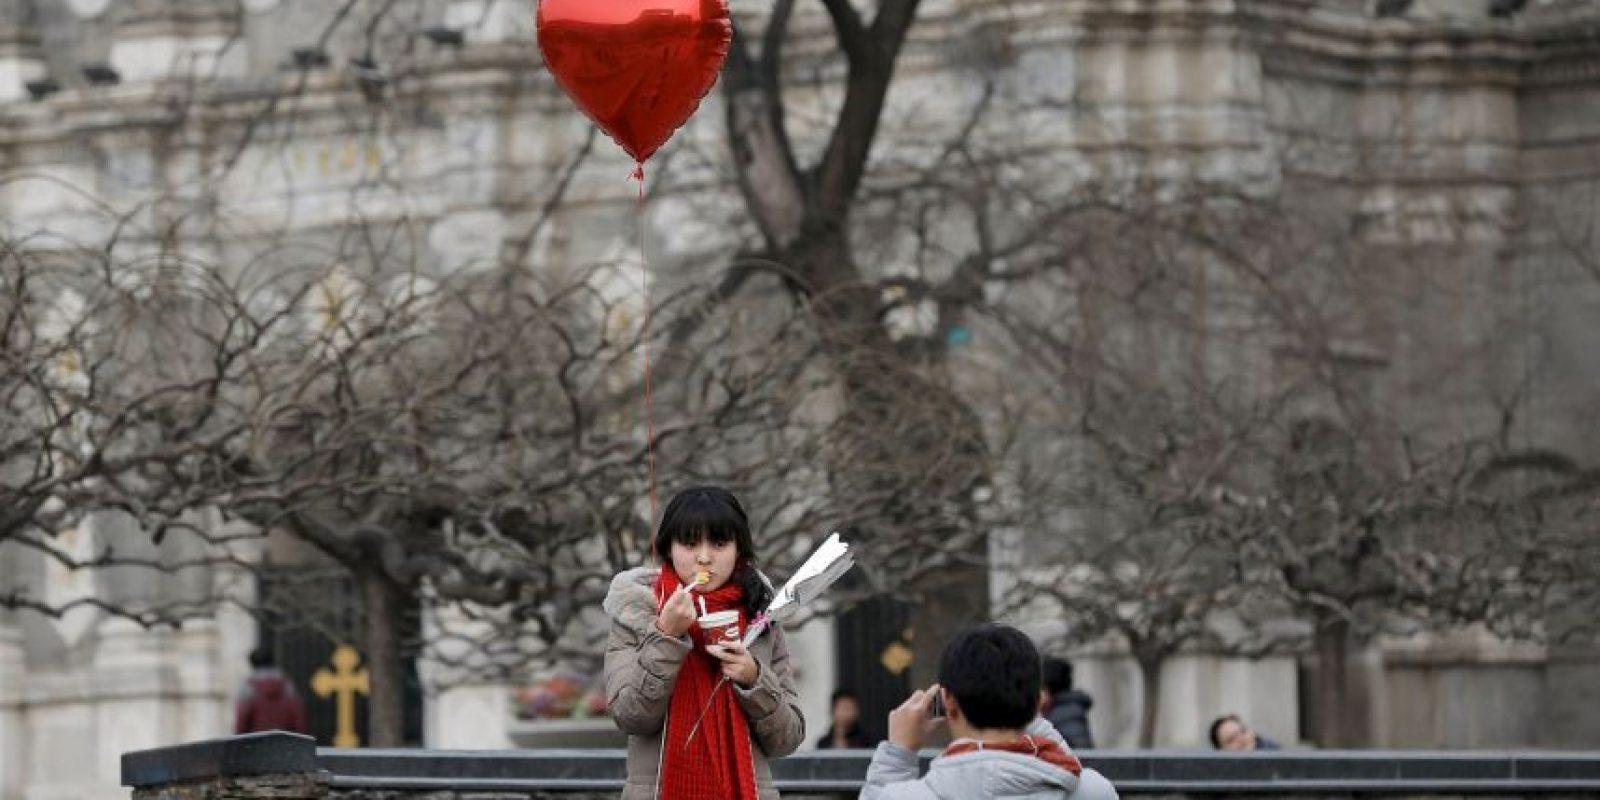 6. El sexo disminuye la presión arterial. Reducen la presión arterial sistólica, el valor máximo de la tensión cuando el corazón se contrae. Foto:Getty Images